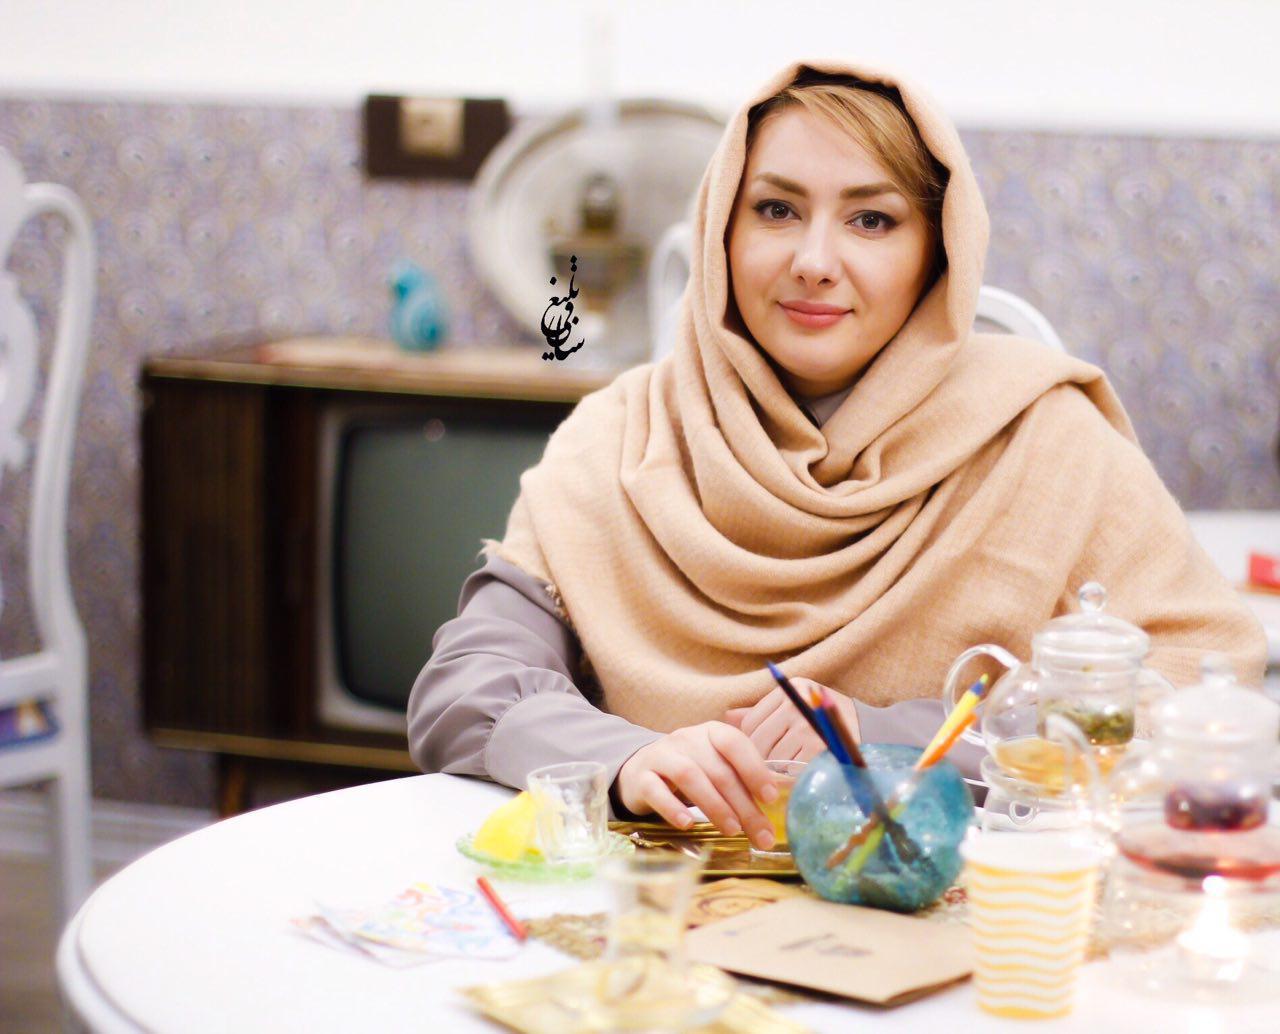 عکس های جدید منتشر شده از بازیگران و افراد مشهور ایرانی (252)